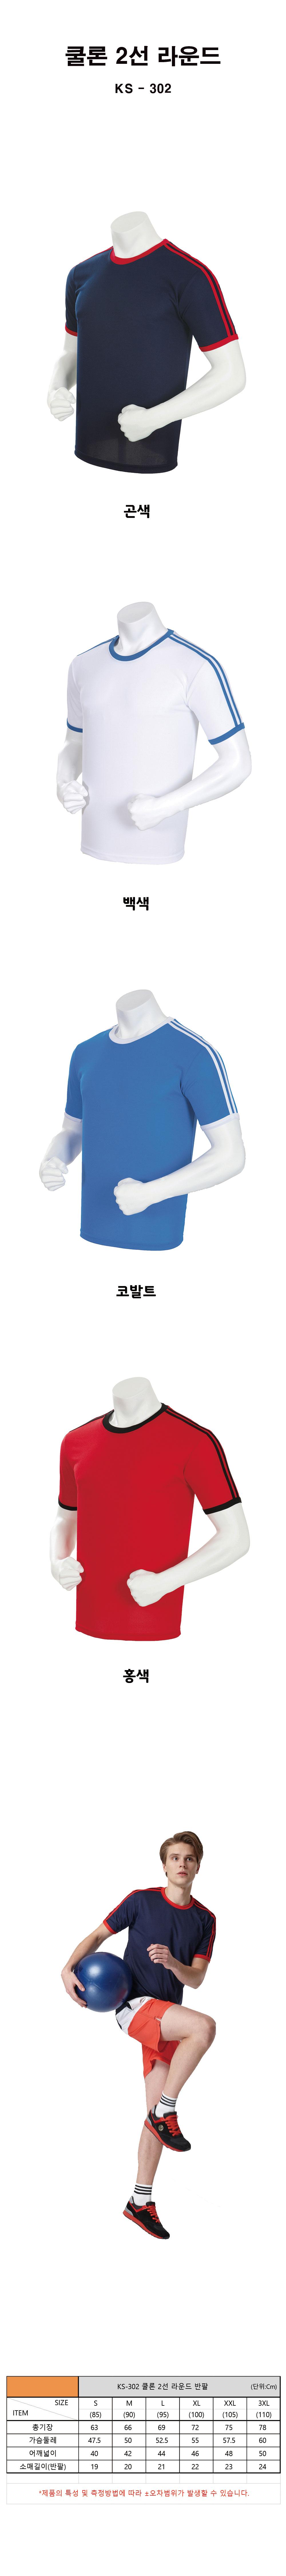 쿨론 2선 라운드 U - 티티뱅크, 14,000원, 상의, 반팔티셔츠